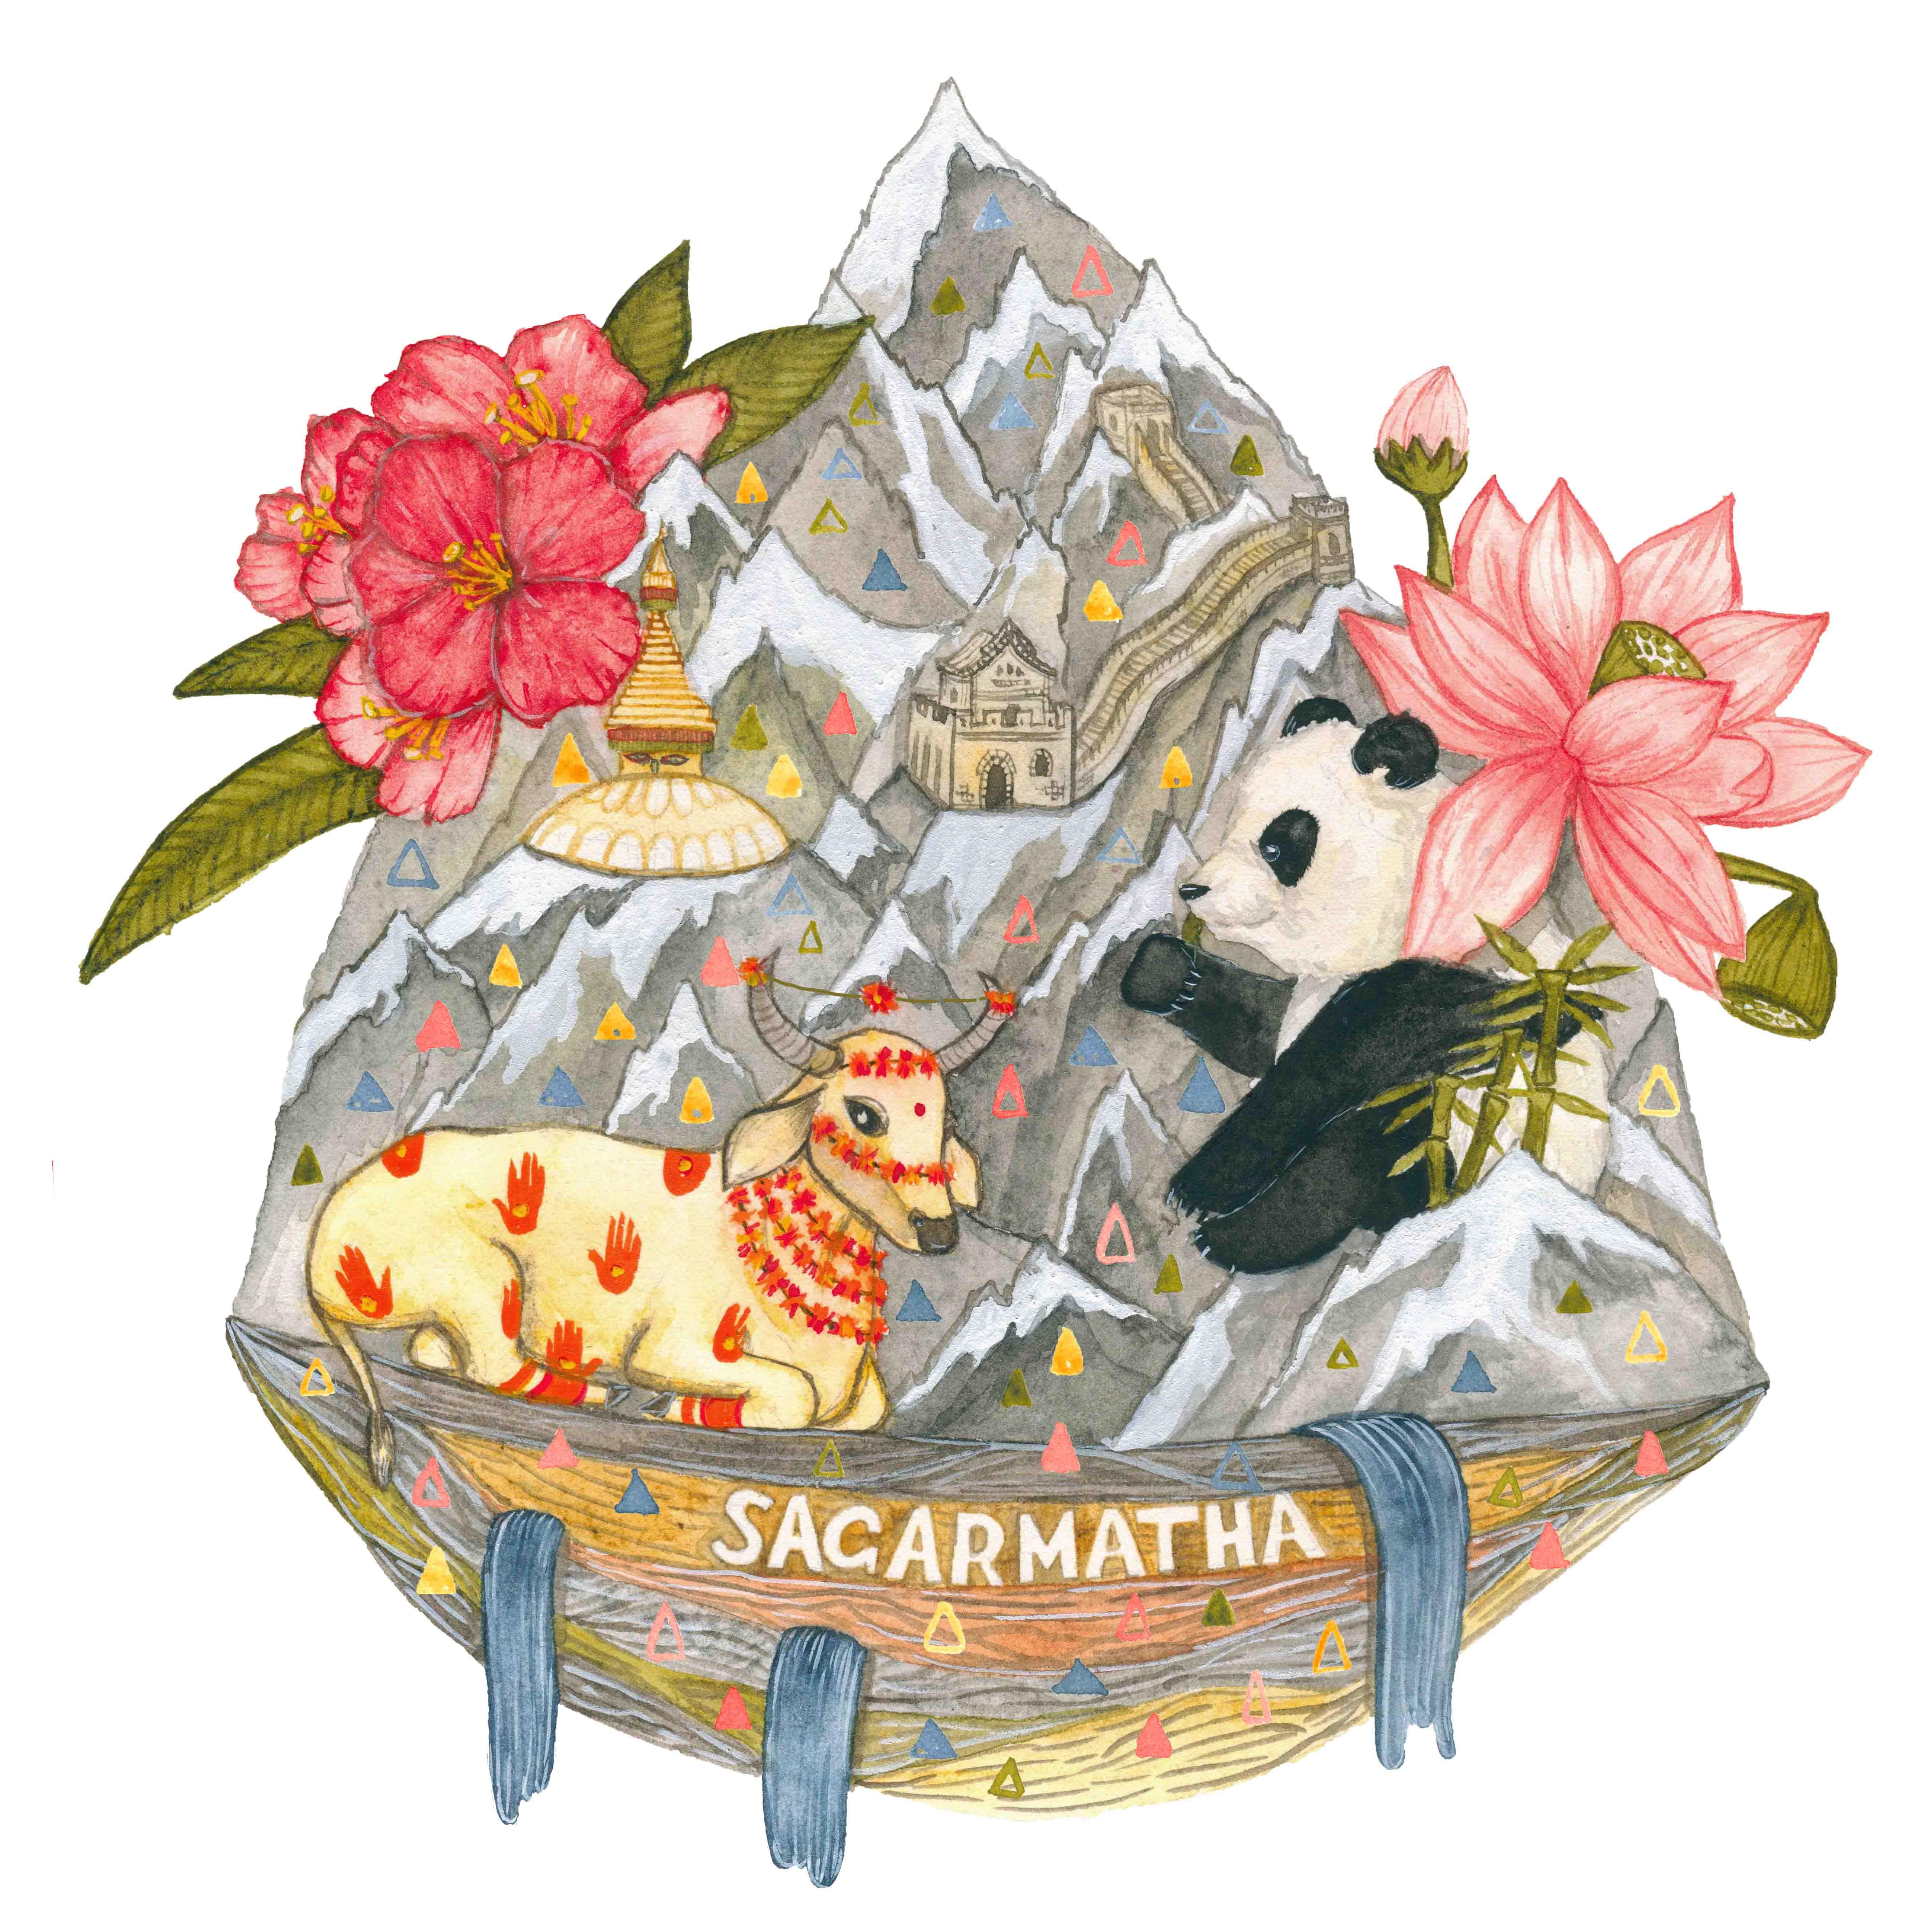 Tote Bag Illustration for Living Pro